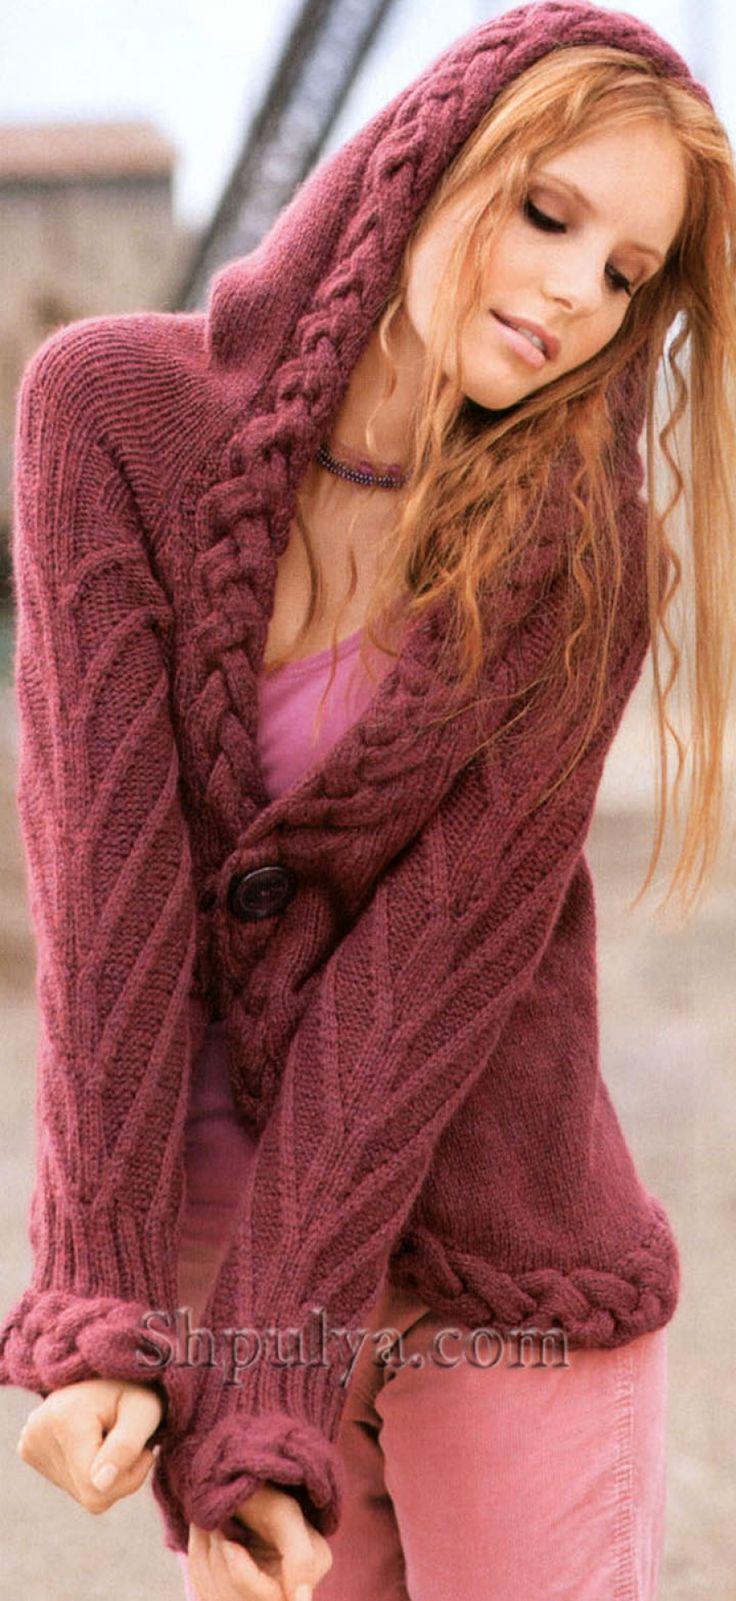 Розовый жакет с капюшоном, вязаный спицами